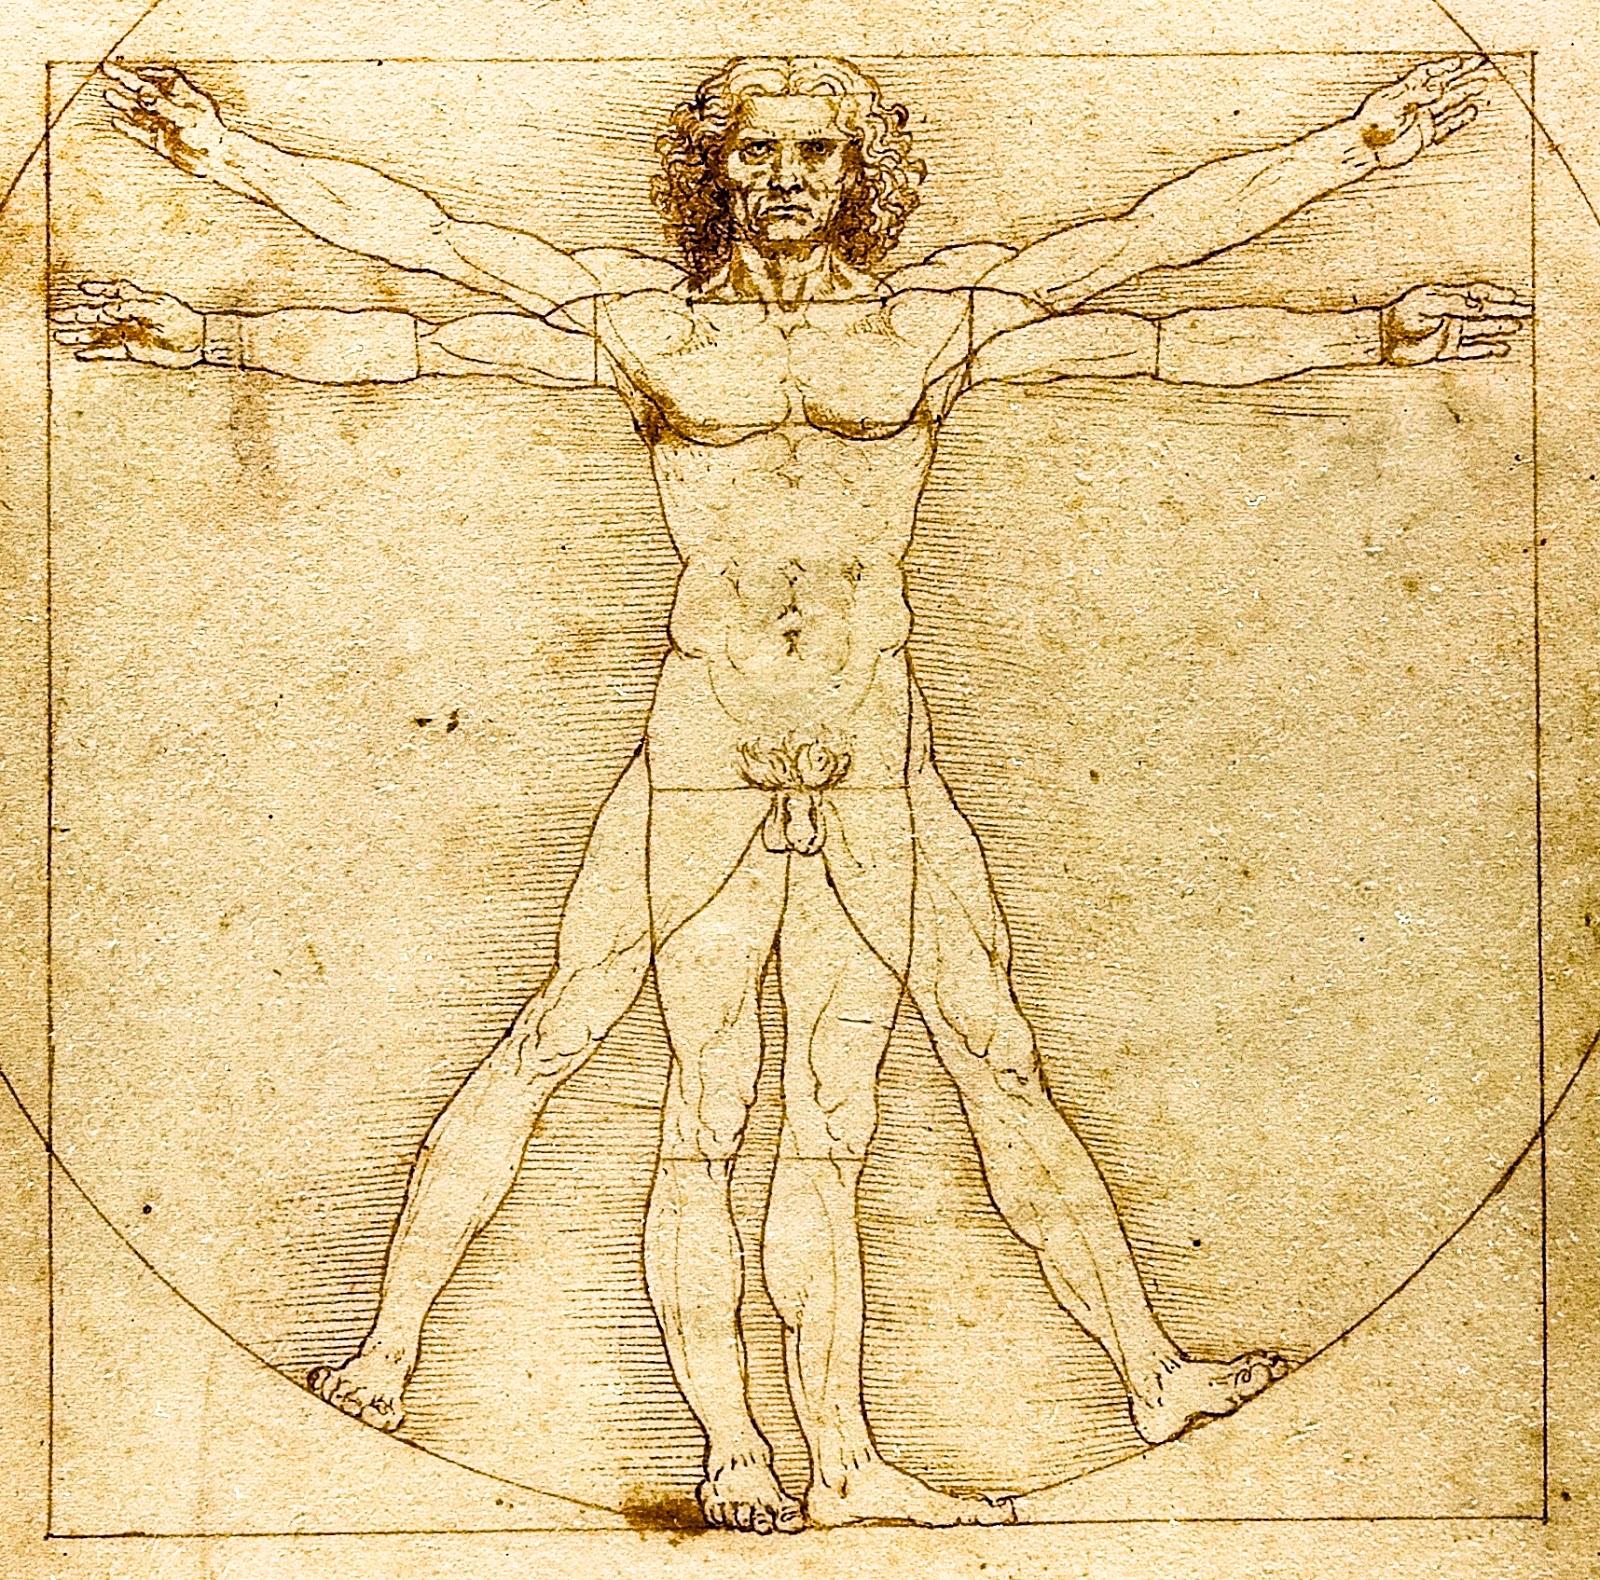 Anatomie și curiozități despre corpul uman